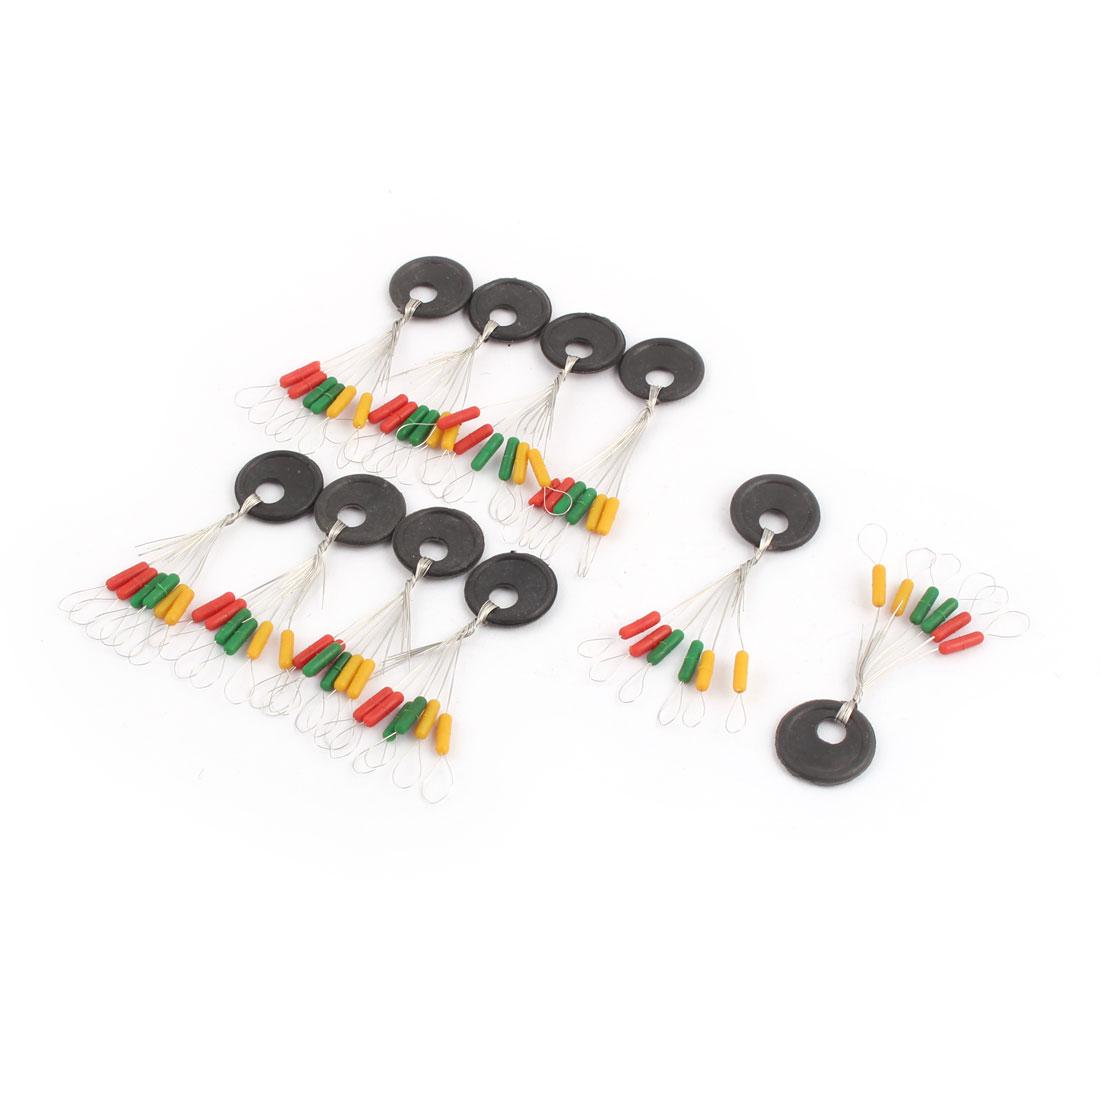 Fishing Tackle 6 in 1 Design Multicolor Plastic Floater Bobber Stopper 10 Pcs